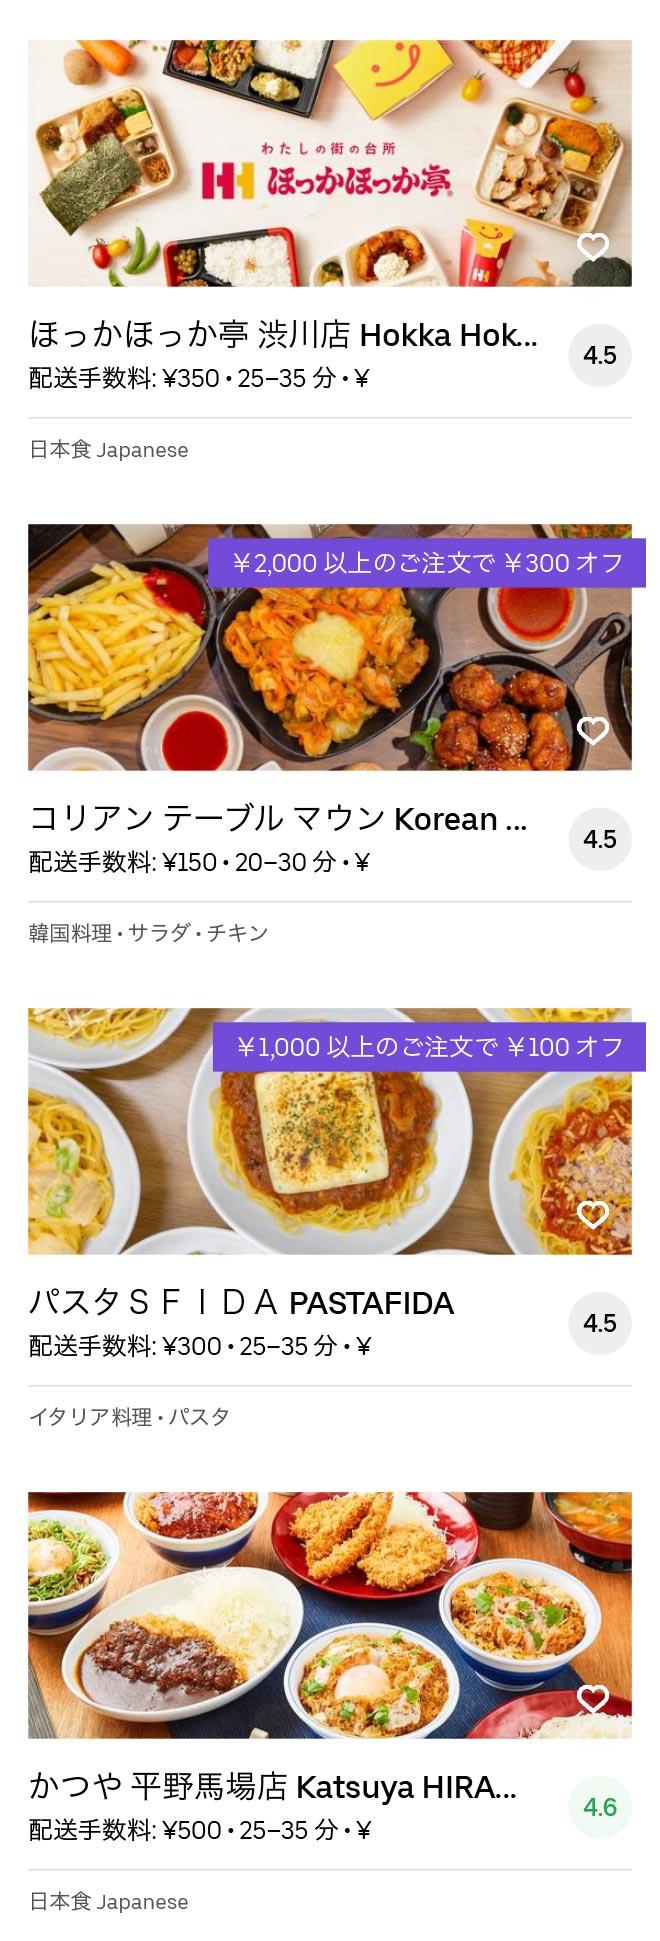 Osaka yao menu 2005 07